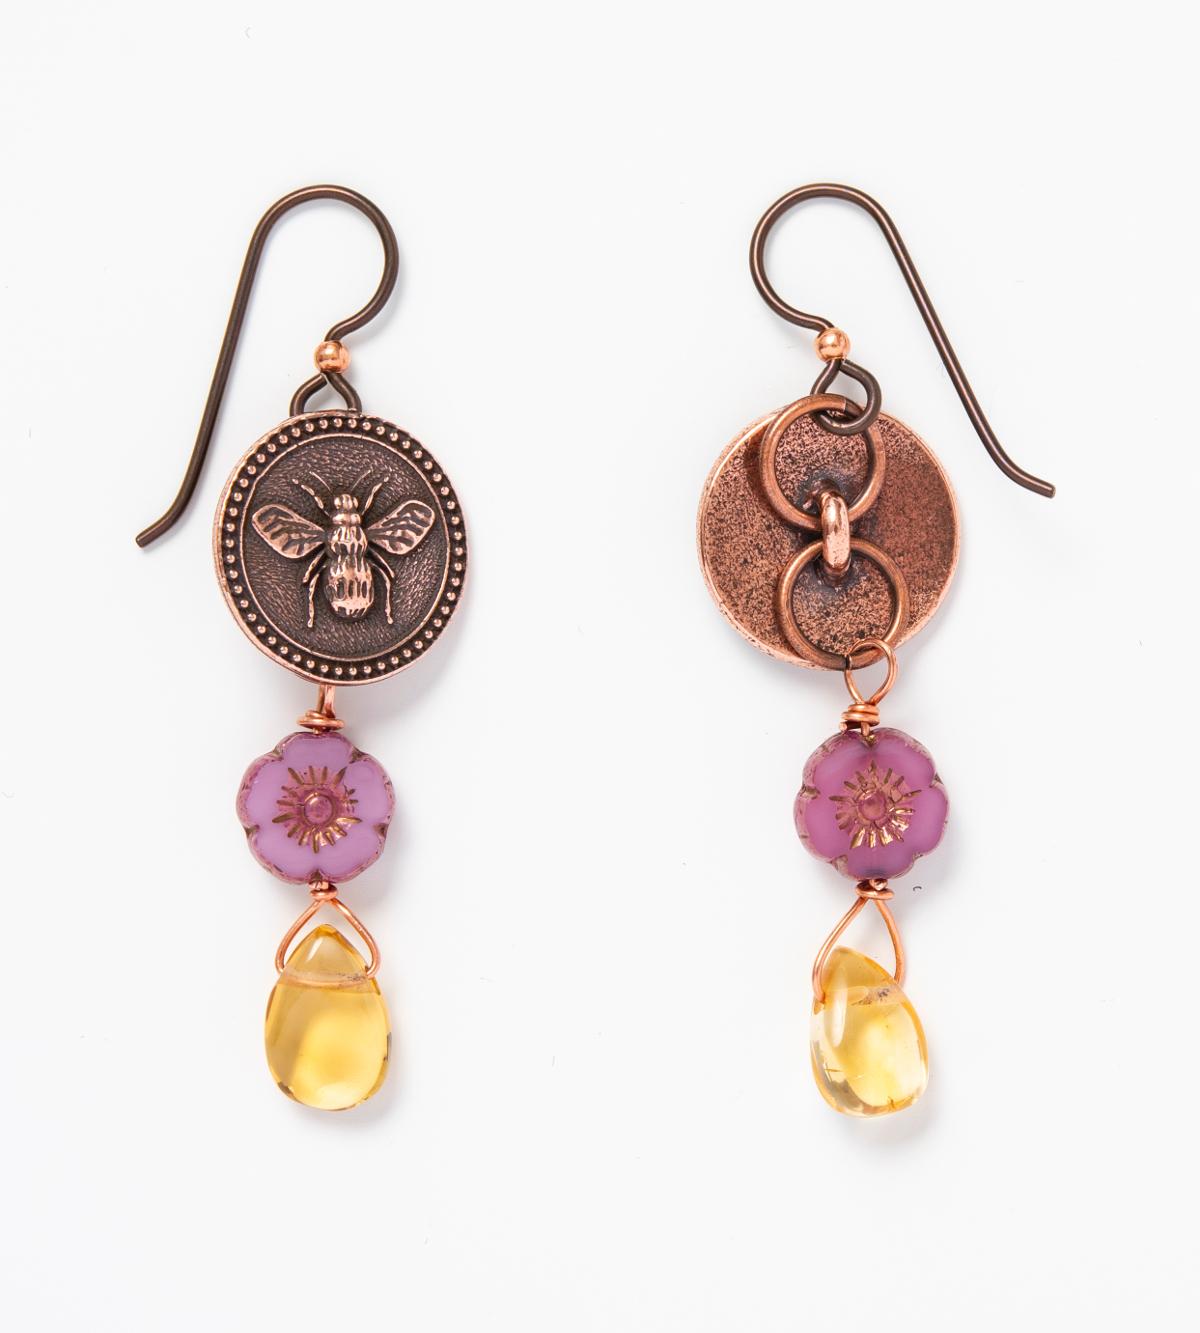 bee-button-earrings-back-onwhite-1200px.jpg